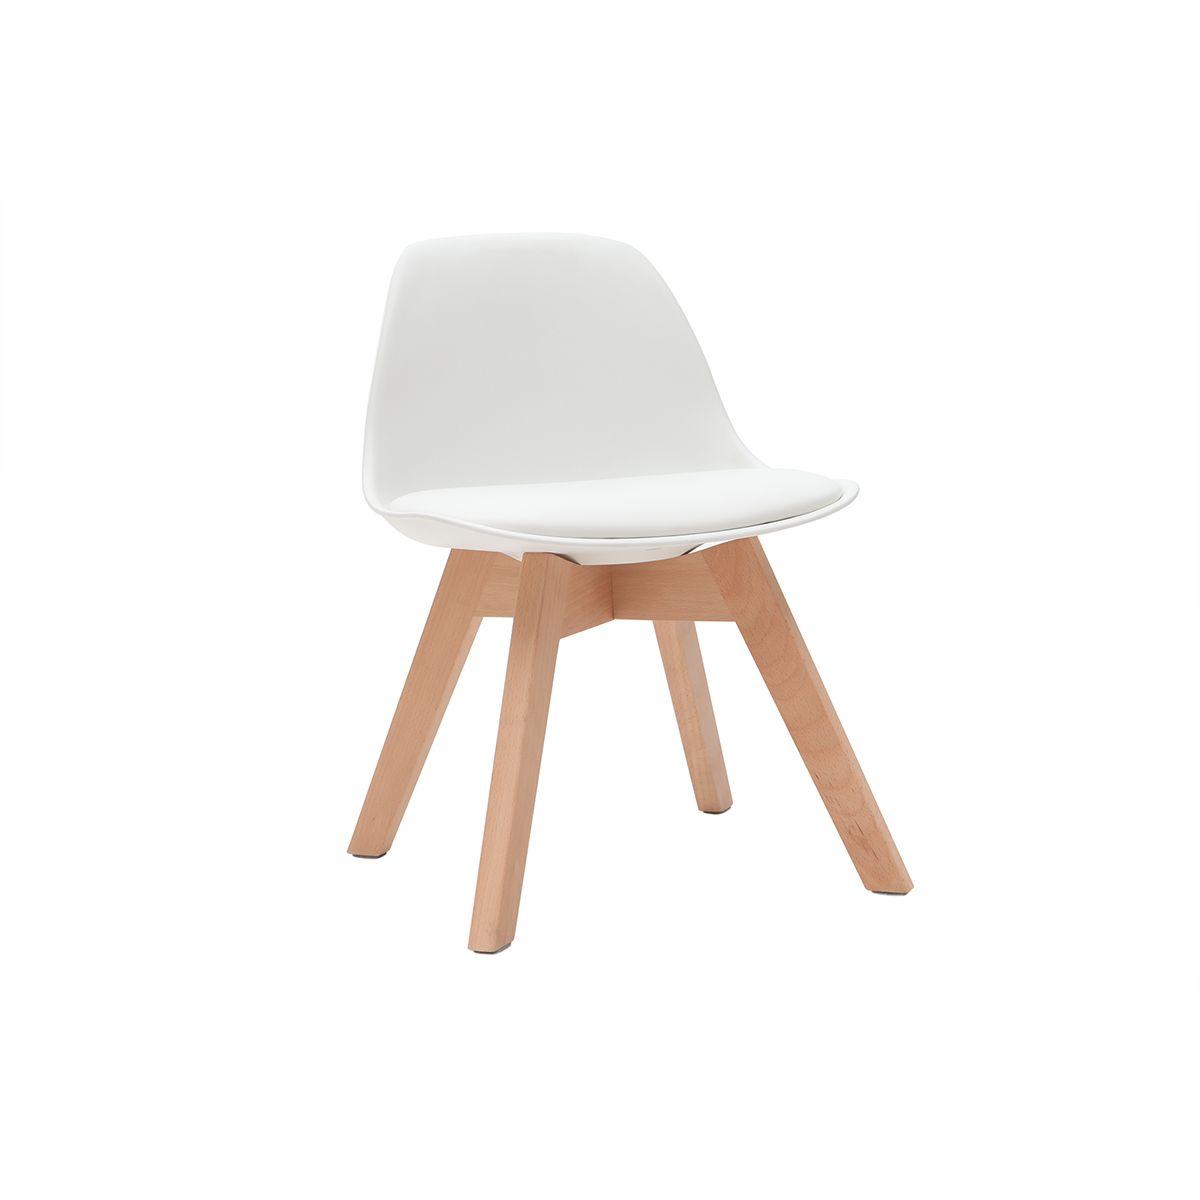 Sedia design bianca con piedi in legno BABY PAULINE Offerte e sconti